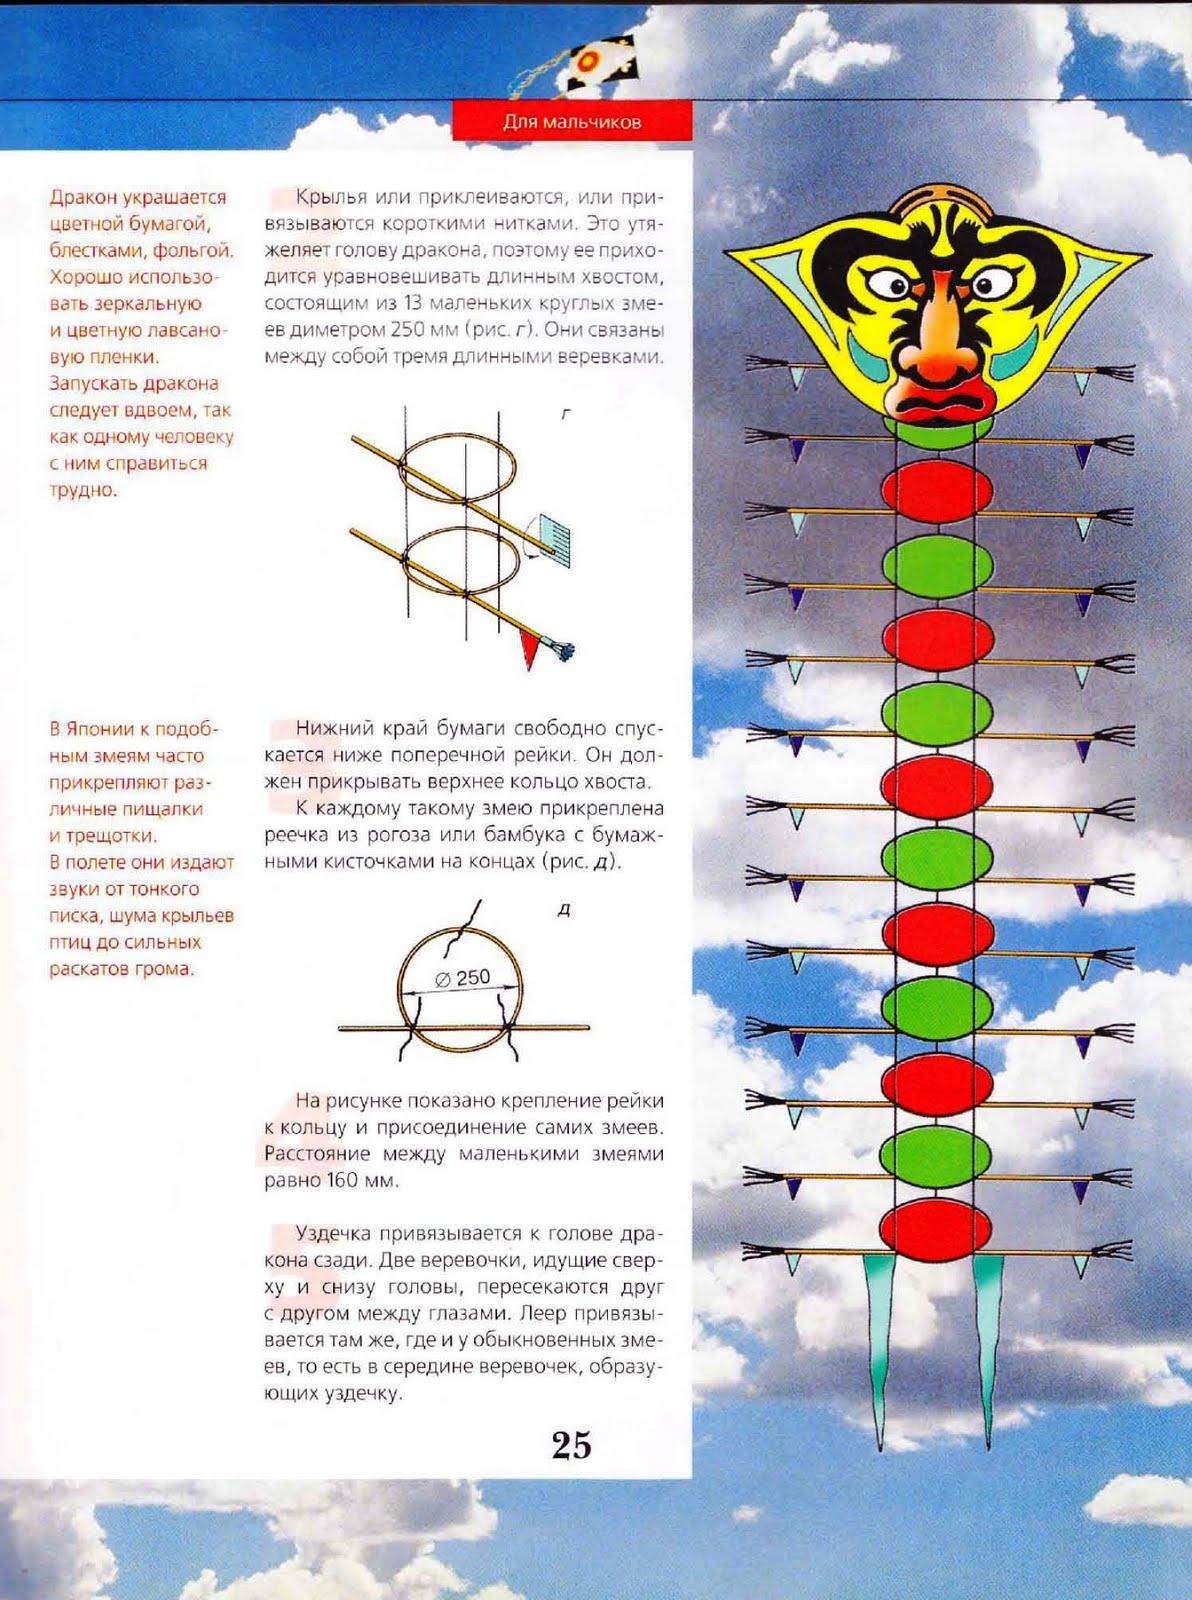 Как сделать воздушного змея? Инструкции, Схема, Фото 22